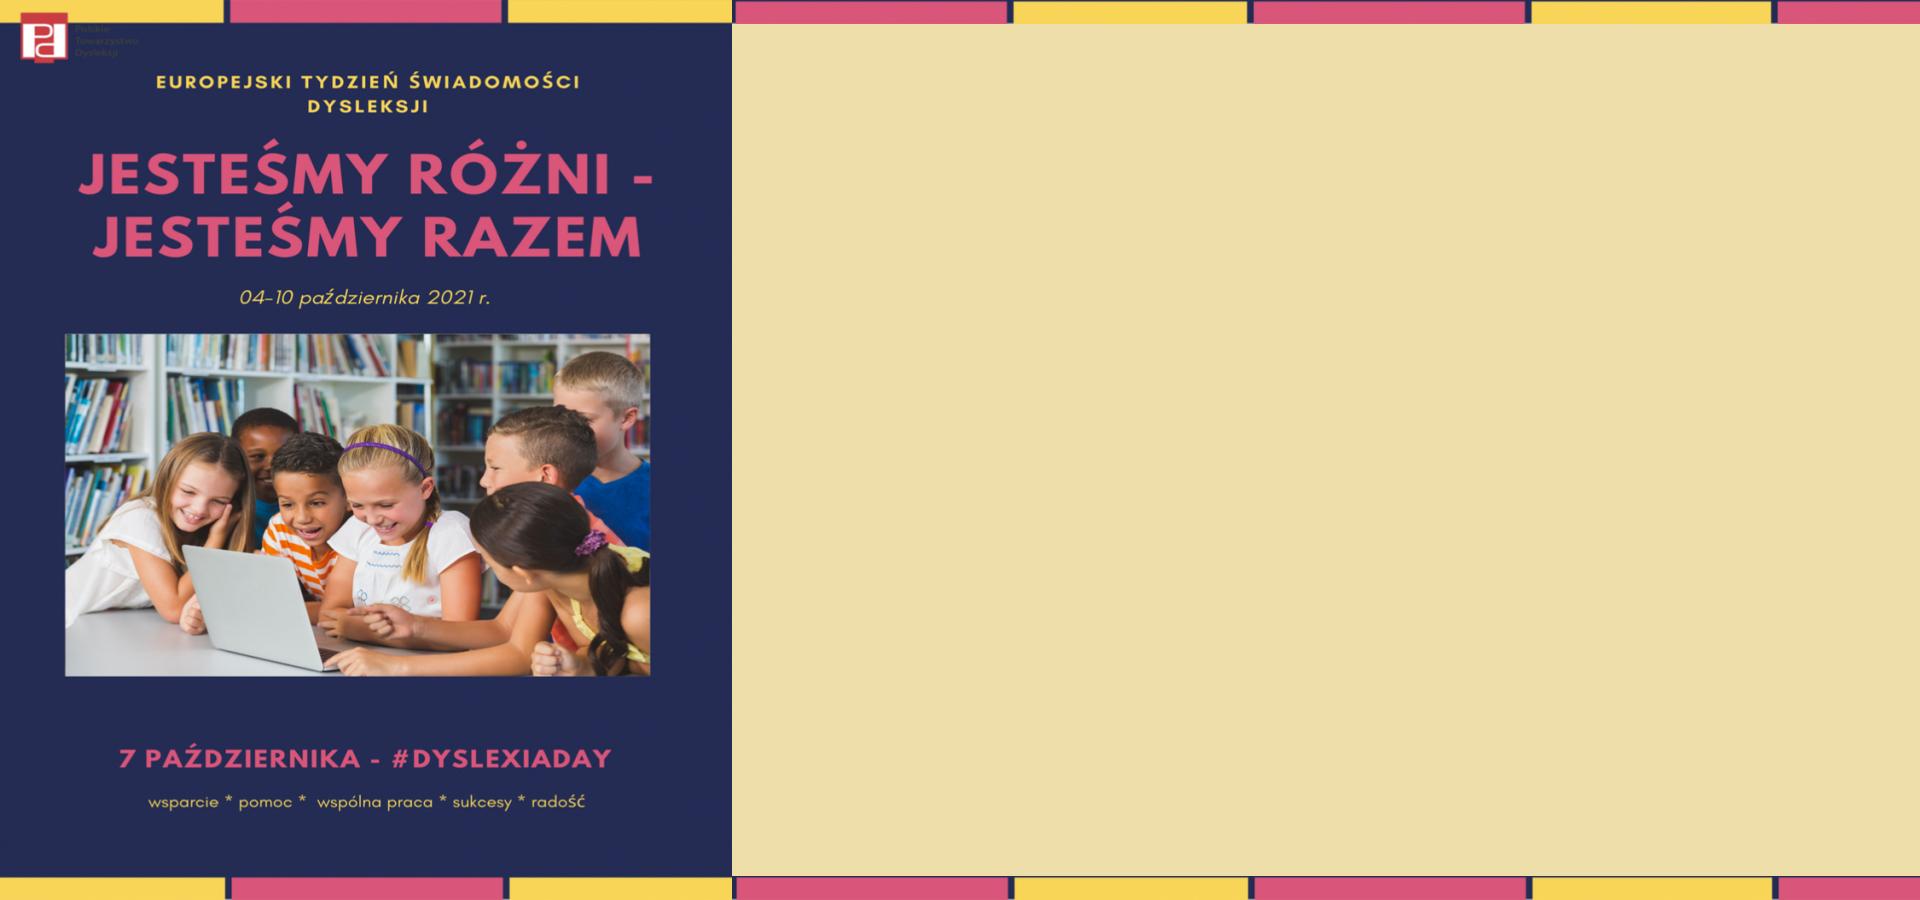 Europejski Tydzień Świadomości Dysleksji 2021